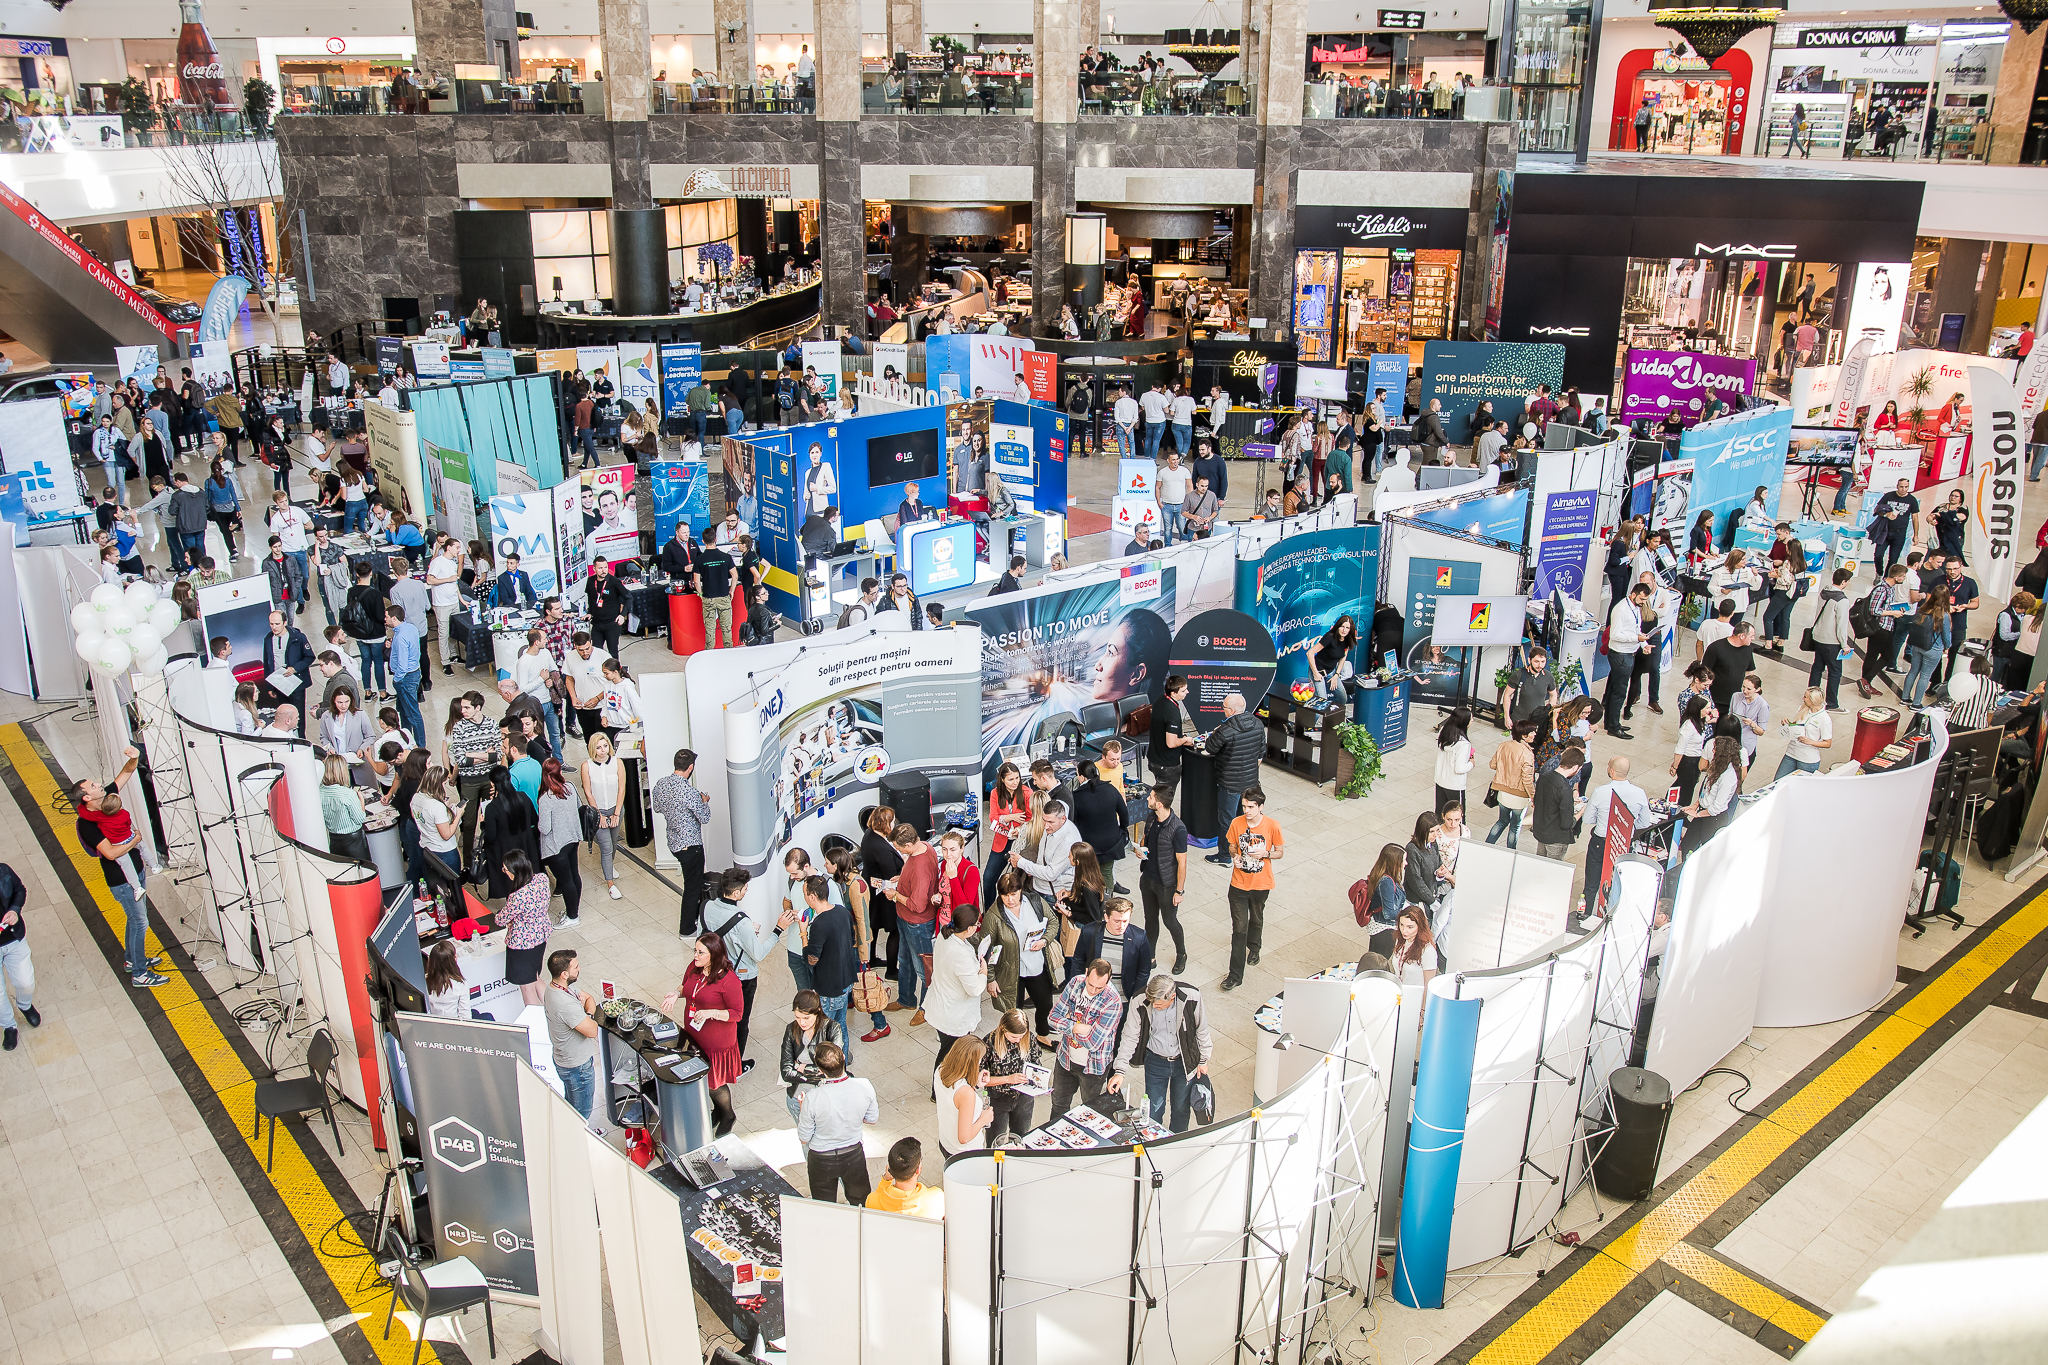 Târgul de Cariere reîncepe ediția de primăvară a evenimentelor dedicate angajatorilor și candidaților din toată țara cu Iași, de pe 8 până pe 9 martie (interval orar 10.00-19.00, respectiv 12.00-18.00), la Palas Mall.